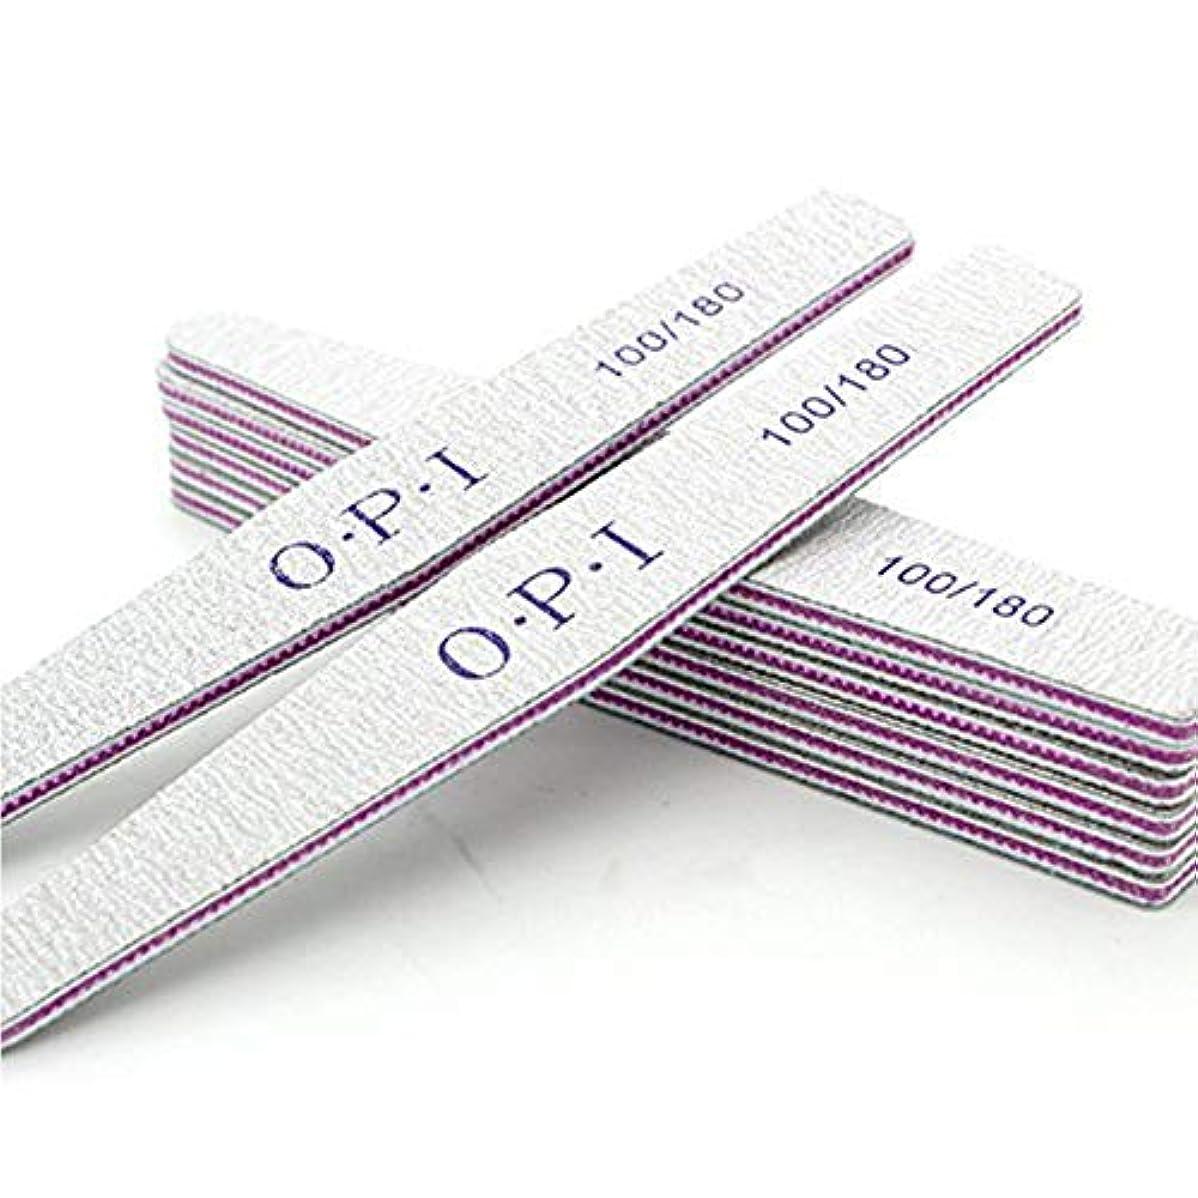 フレットいろいろ受粉者Orient Direct 10個ネイルバッファリングファイル両面エメリーボードグリット100 180グリットネイルファイルを適用するホーム&サロン用マニキュアペディキュアサイズ100/180